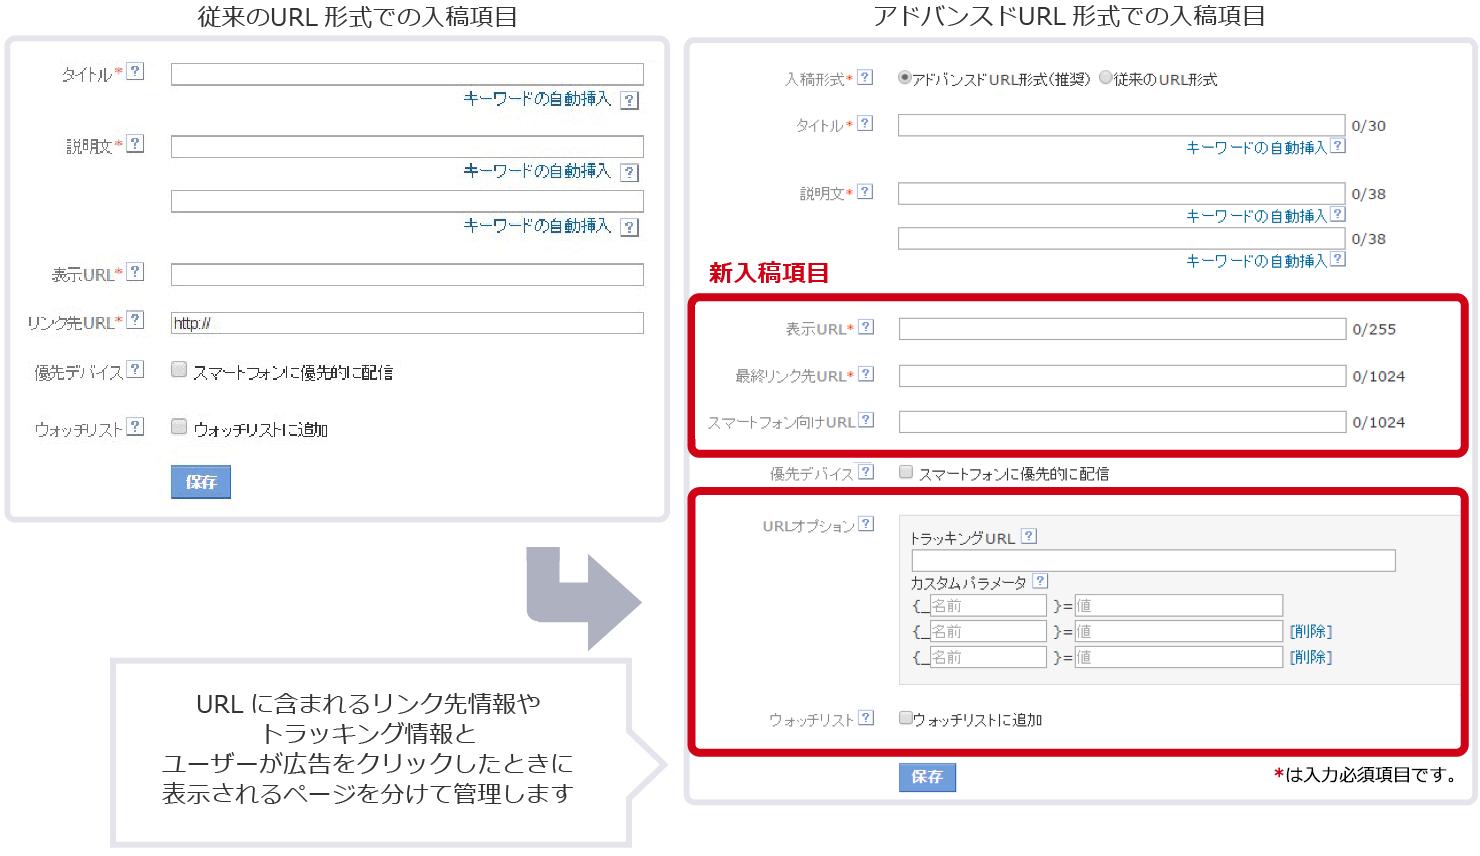 従来のURL形式に新規項目として入稿形式、最終リンク先URL、スマートフォン向けURL、URLオプションが追加されます。